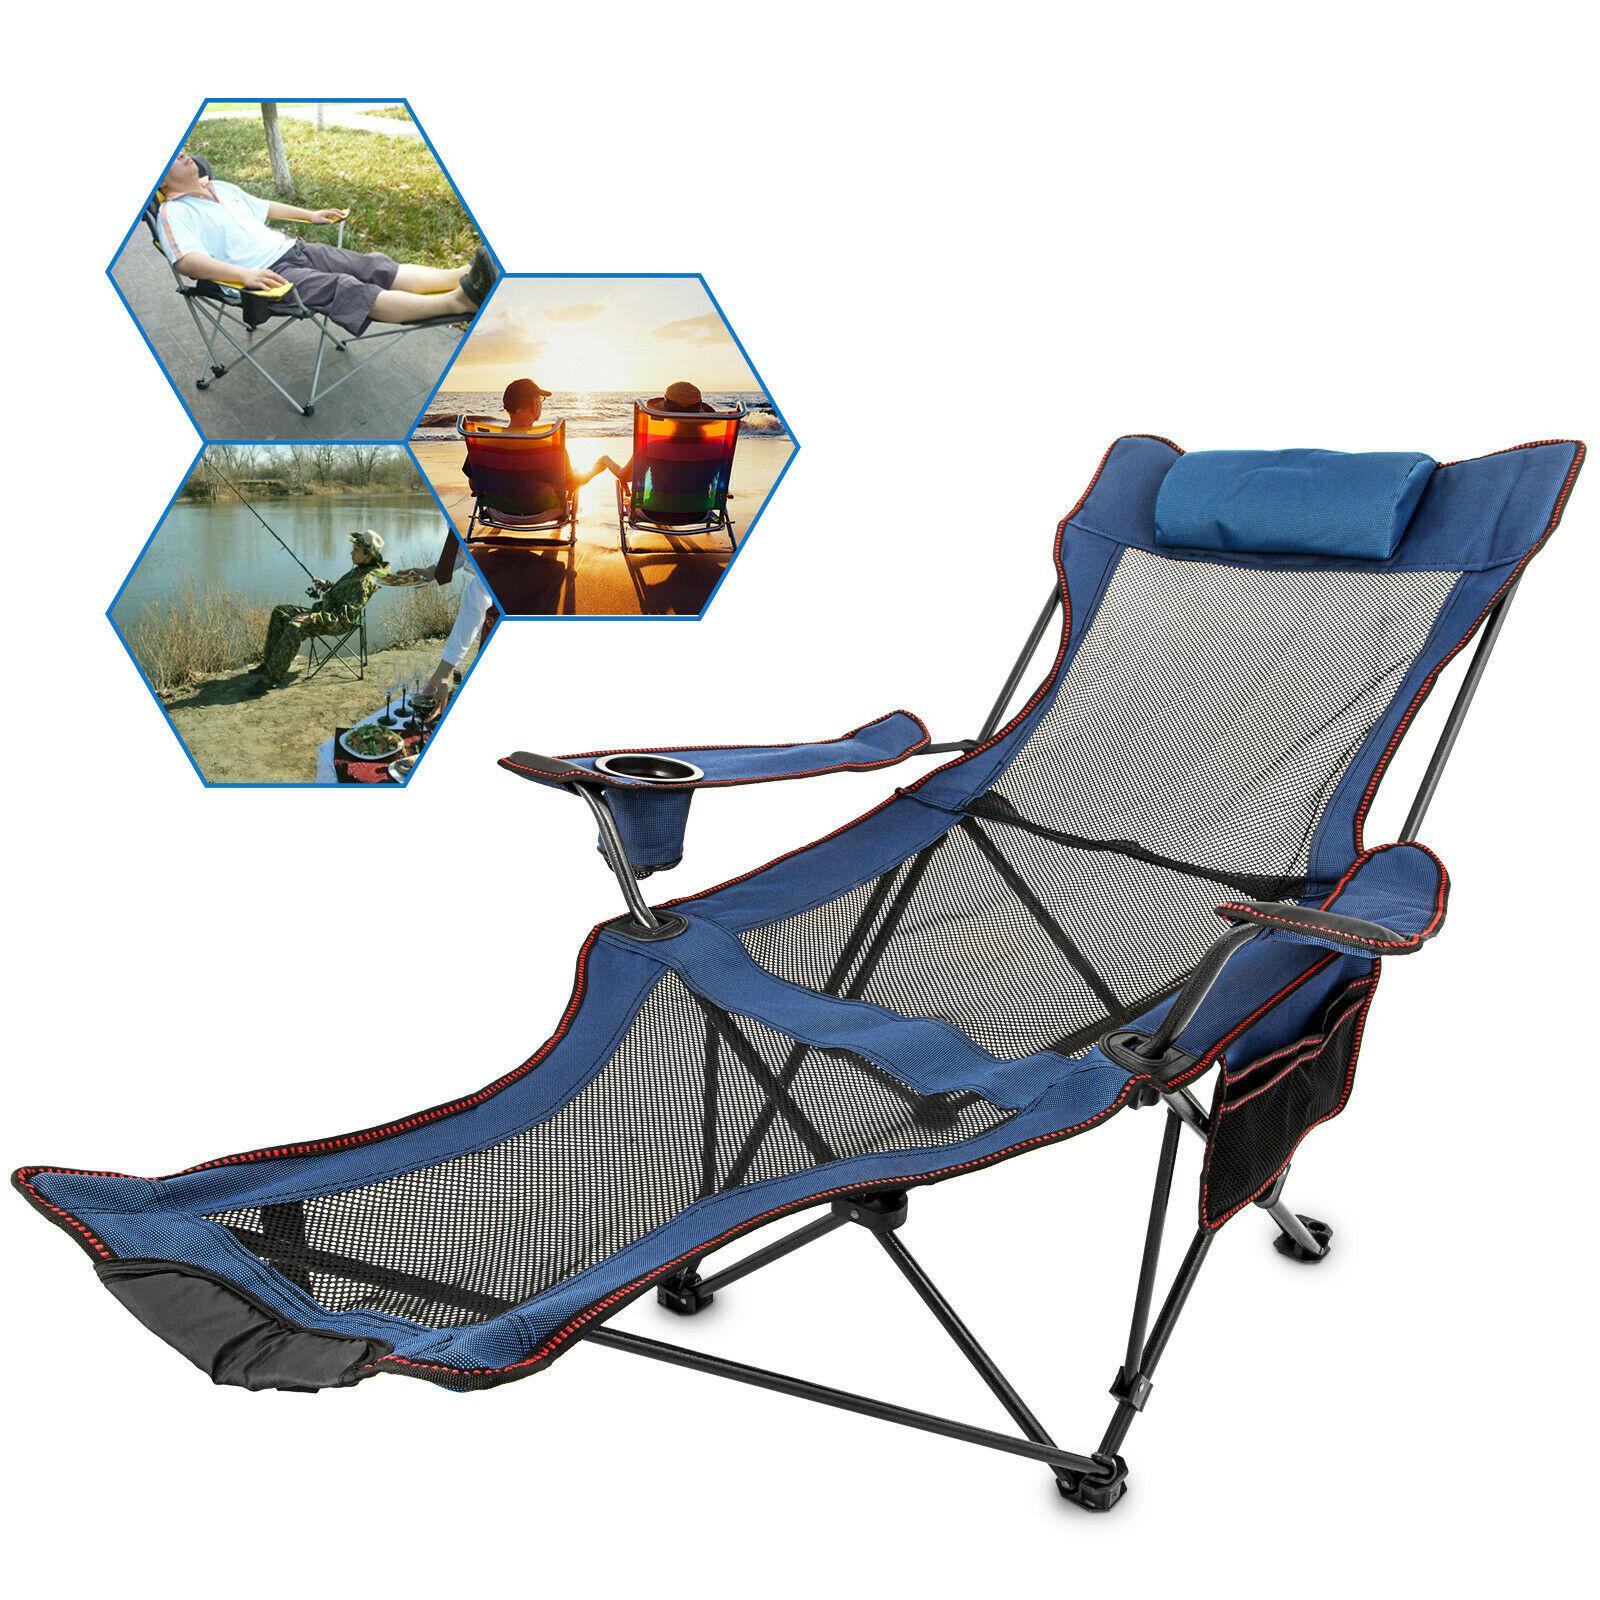 Reclining Folding Chair Sun Lounger